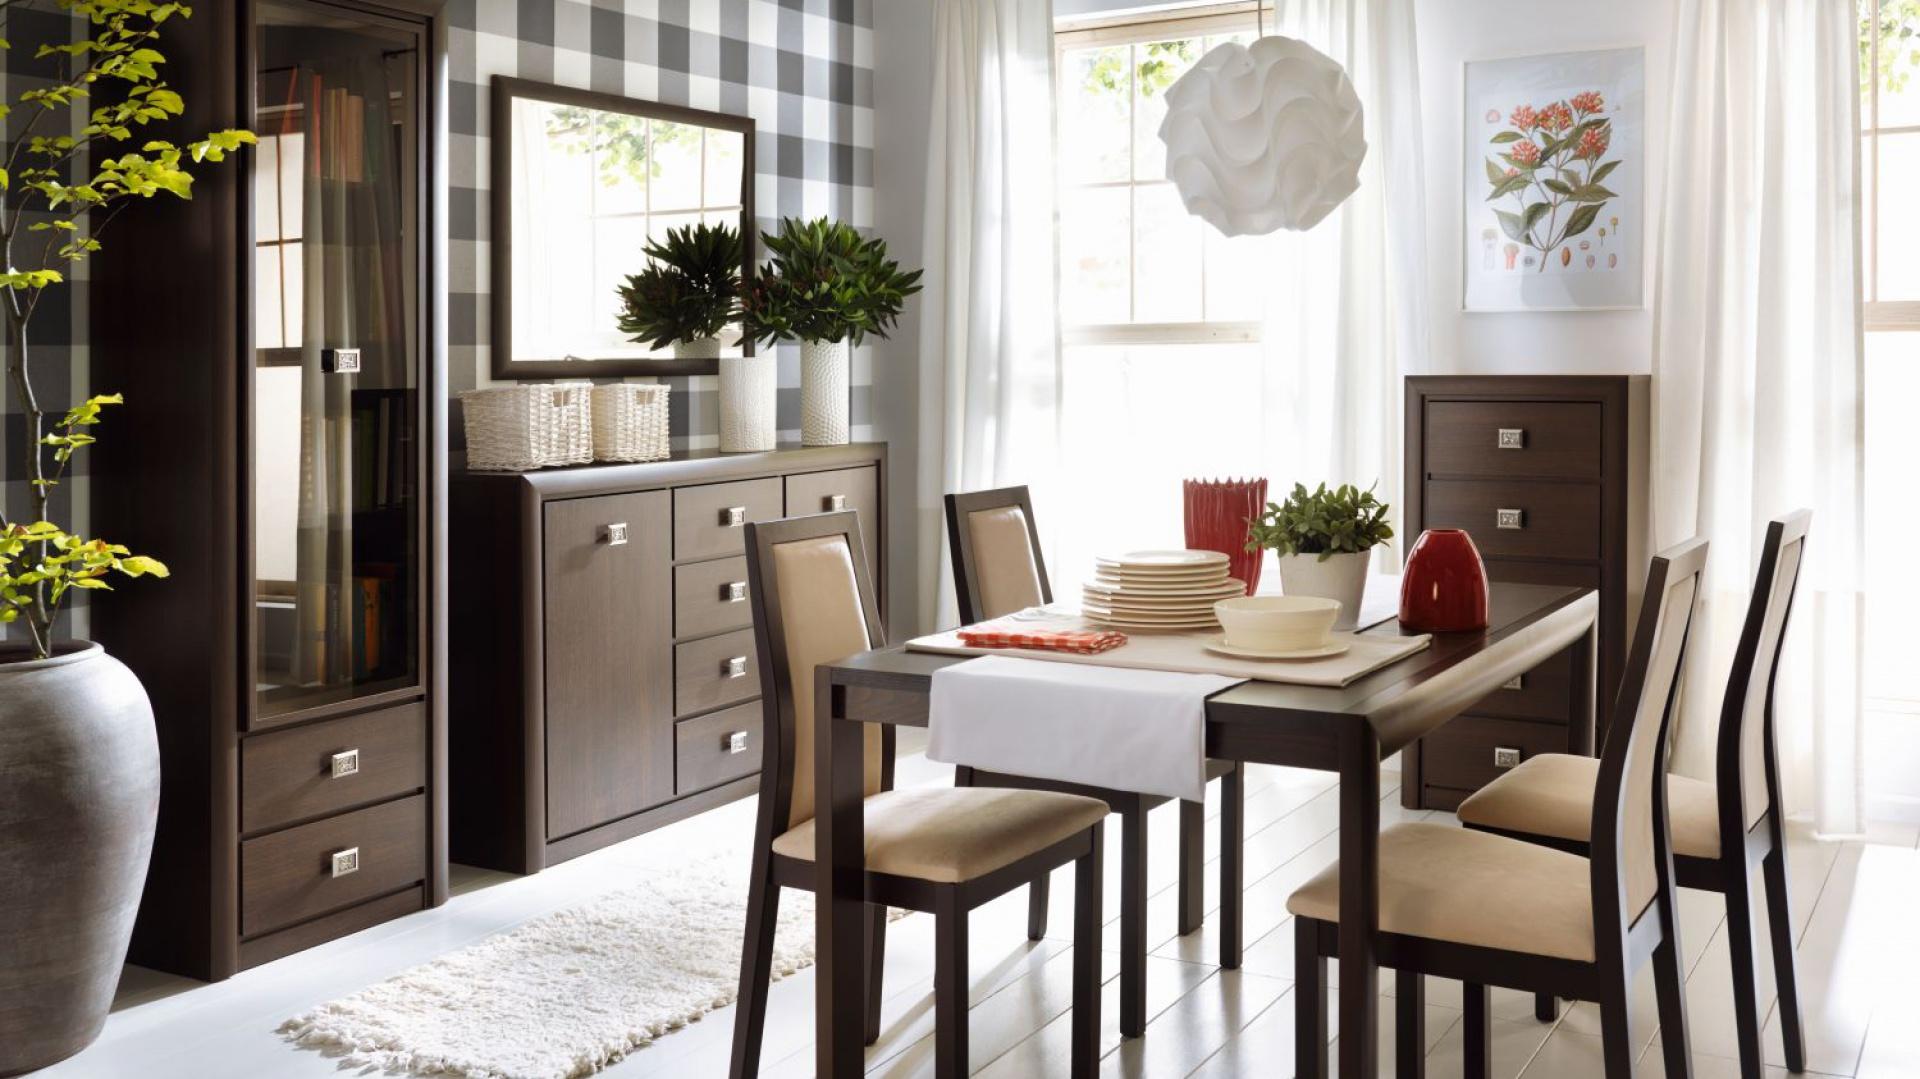 Meble z kolekcji Koen to klasyczne wzornictwo w nieco odświeżonej wersji. Uniwersalny design zamknięto w ciepłe, przytulne barwy koloru dąb canterbury. Drewno efektownie kontrastuje z metalowymi, srebrnymi uchwytami mebli. Fot. Black Red White.